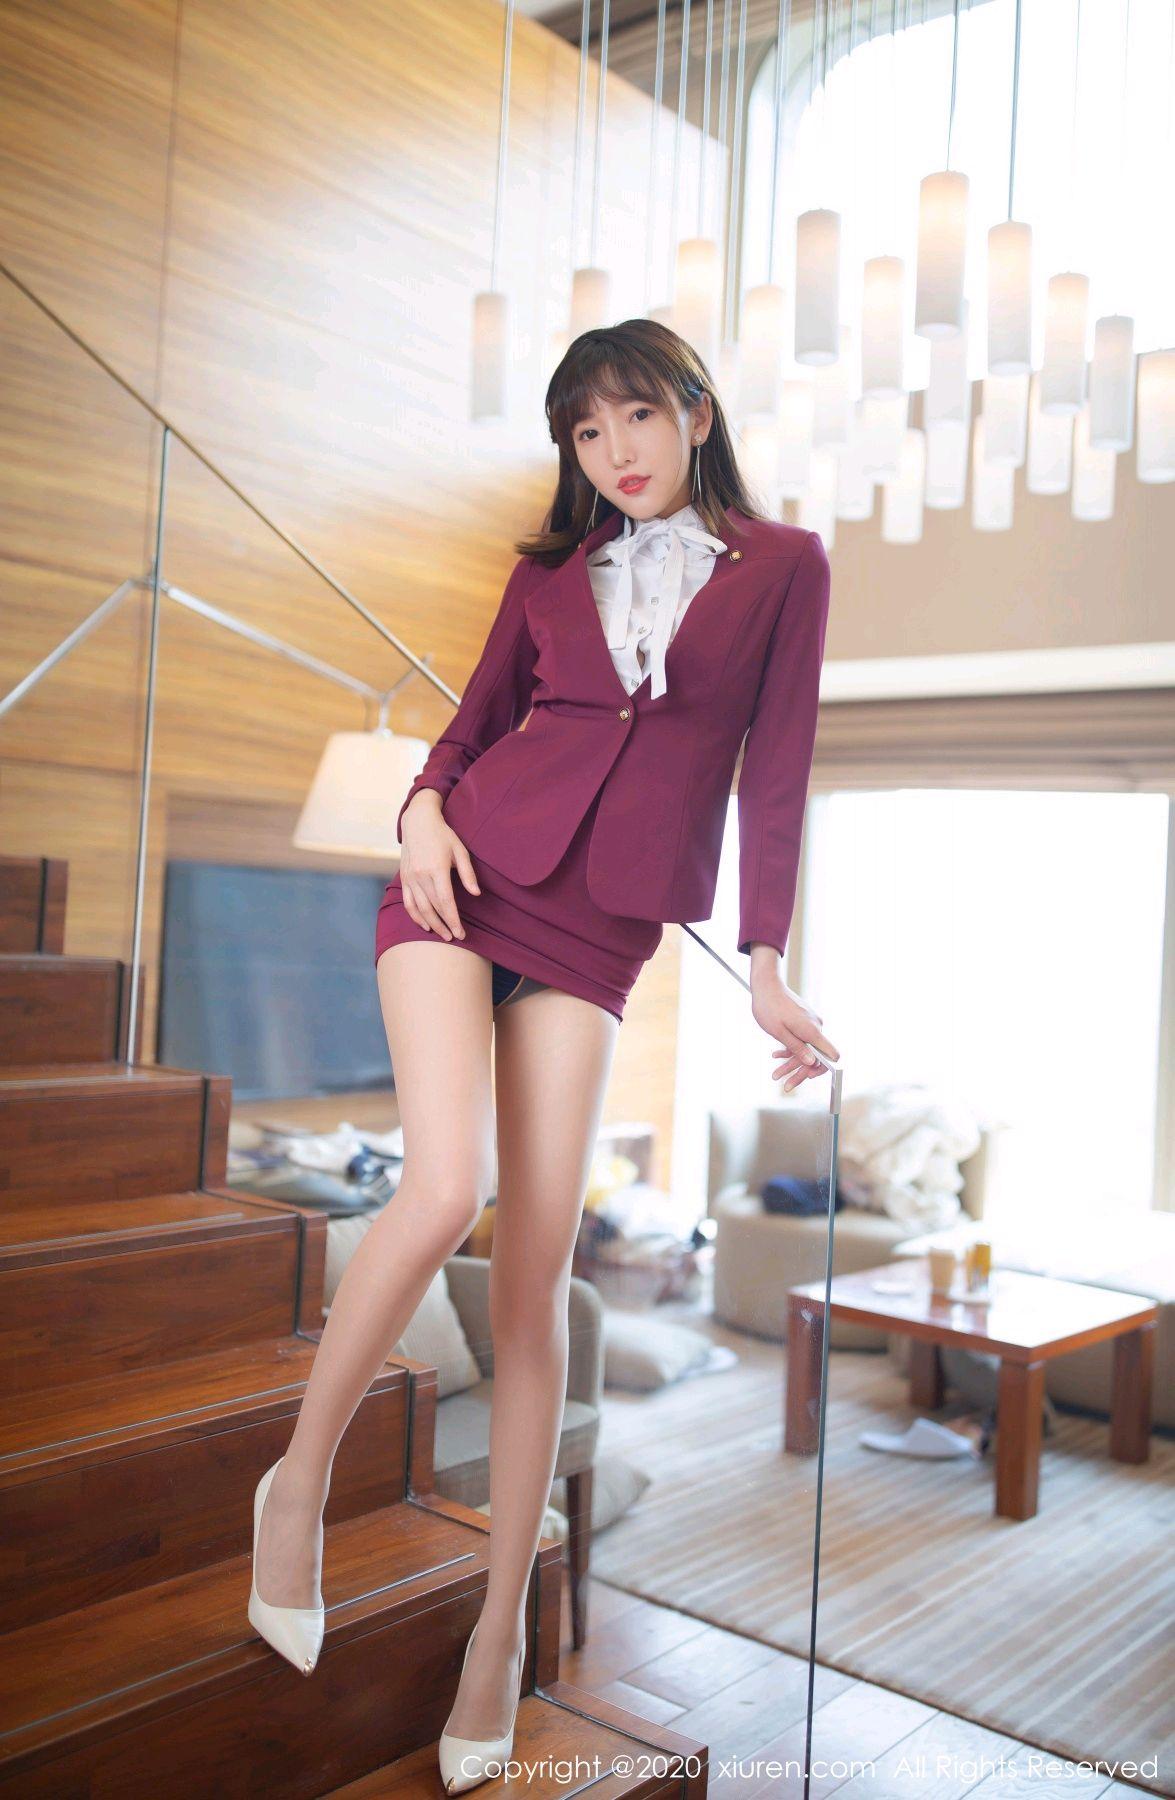 [XiuRen] Vol.2705 Lu Xuan Xuan 10P, Lu Xuan Xuan, Stewardess, Tall, Uniform, Xiuren